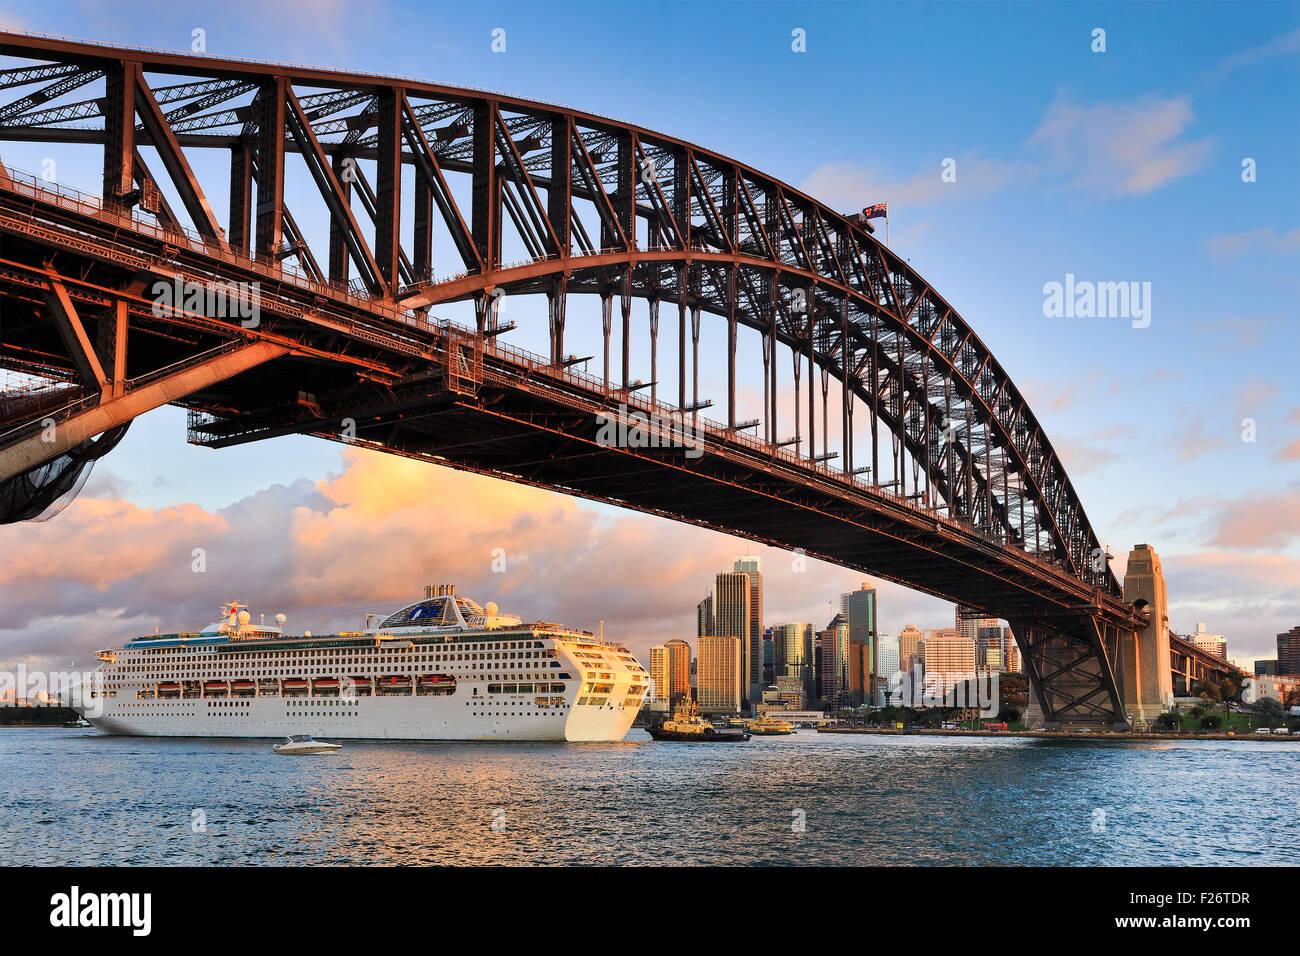 Océano sobredimensionado crucero pasando por debajo del Puente del Puerto de Sydney al atardecer backgrounded Imagen De Stock